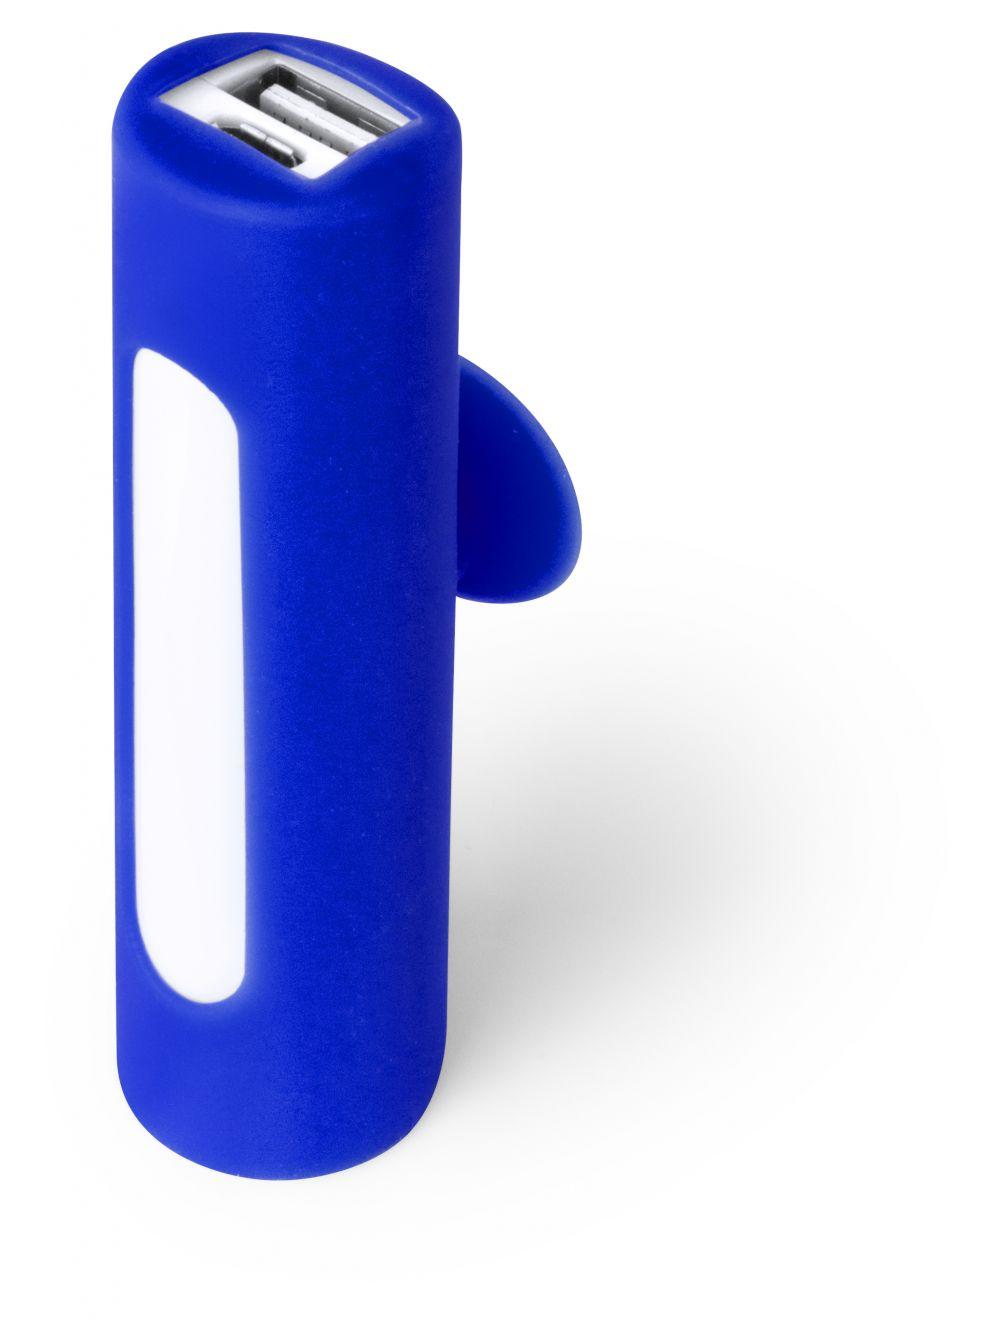 Baterias power bank khatim para personalizar vista 1